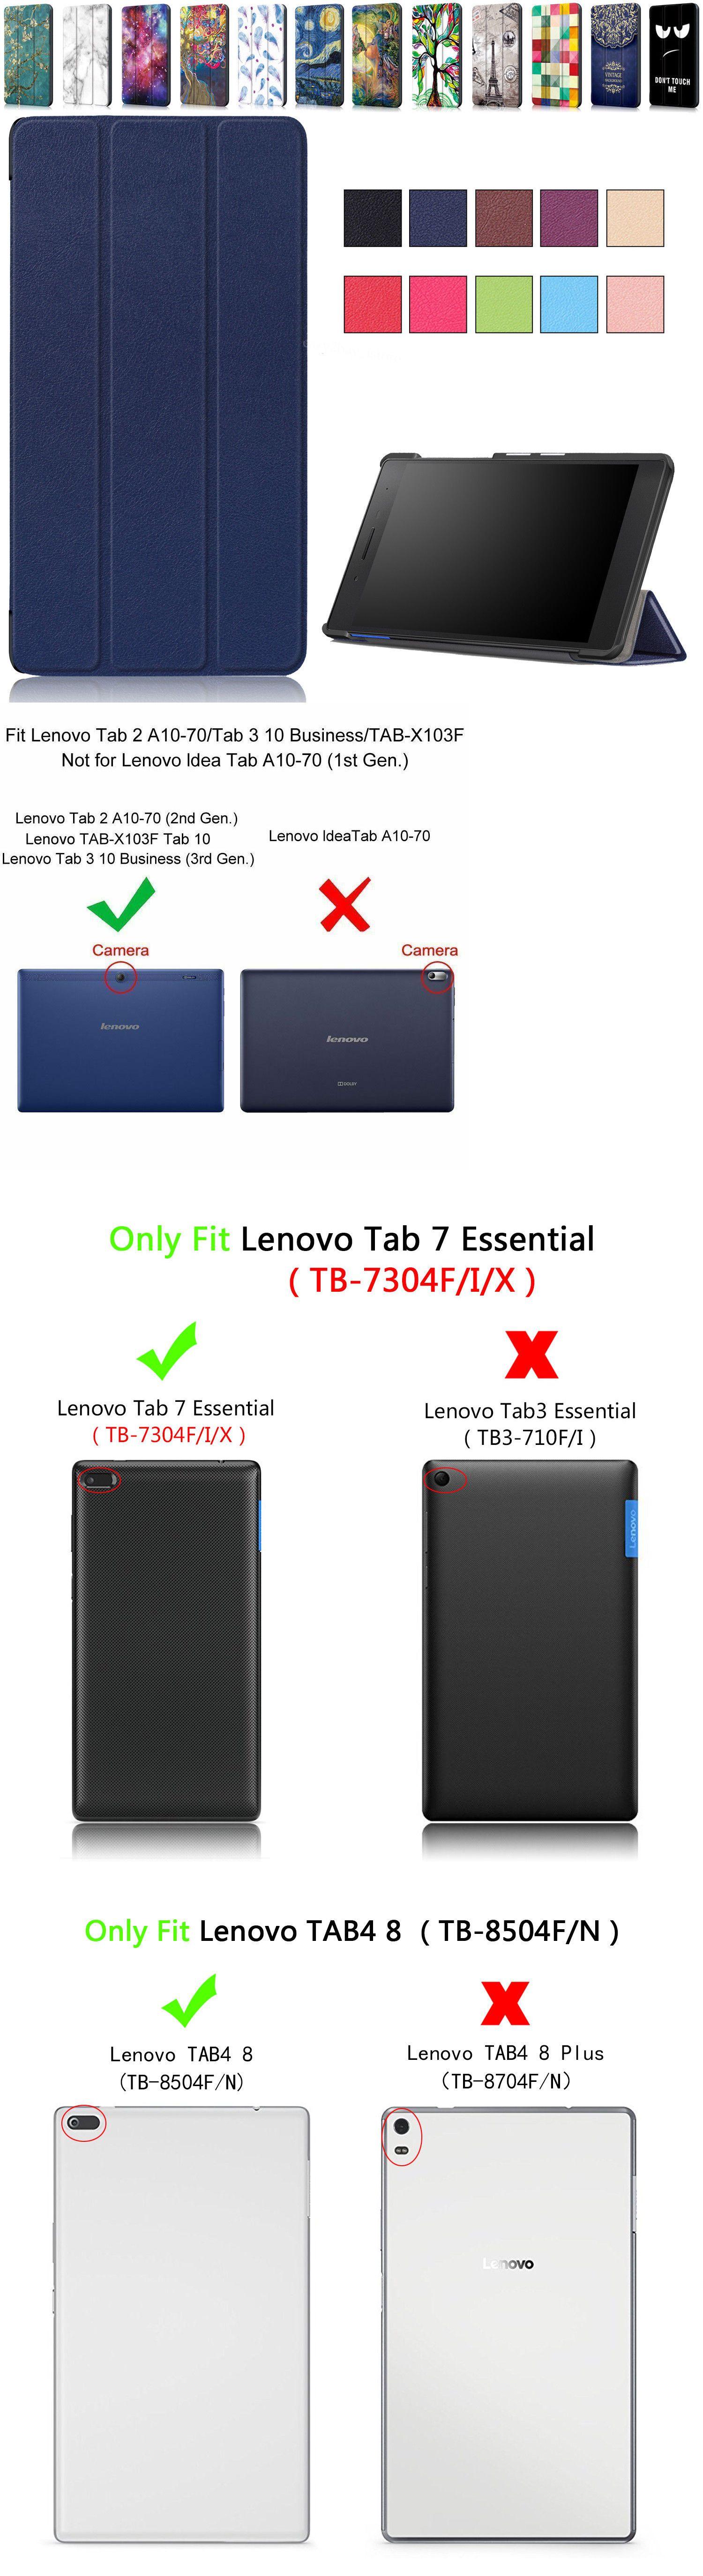 Cases Covers Keyboard Folios 176973: Lenovo Tab2 Tab3 Tab4